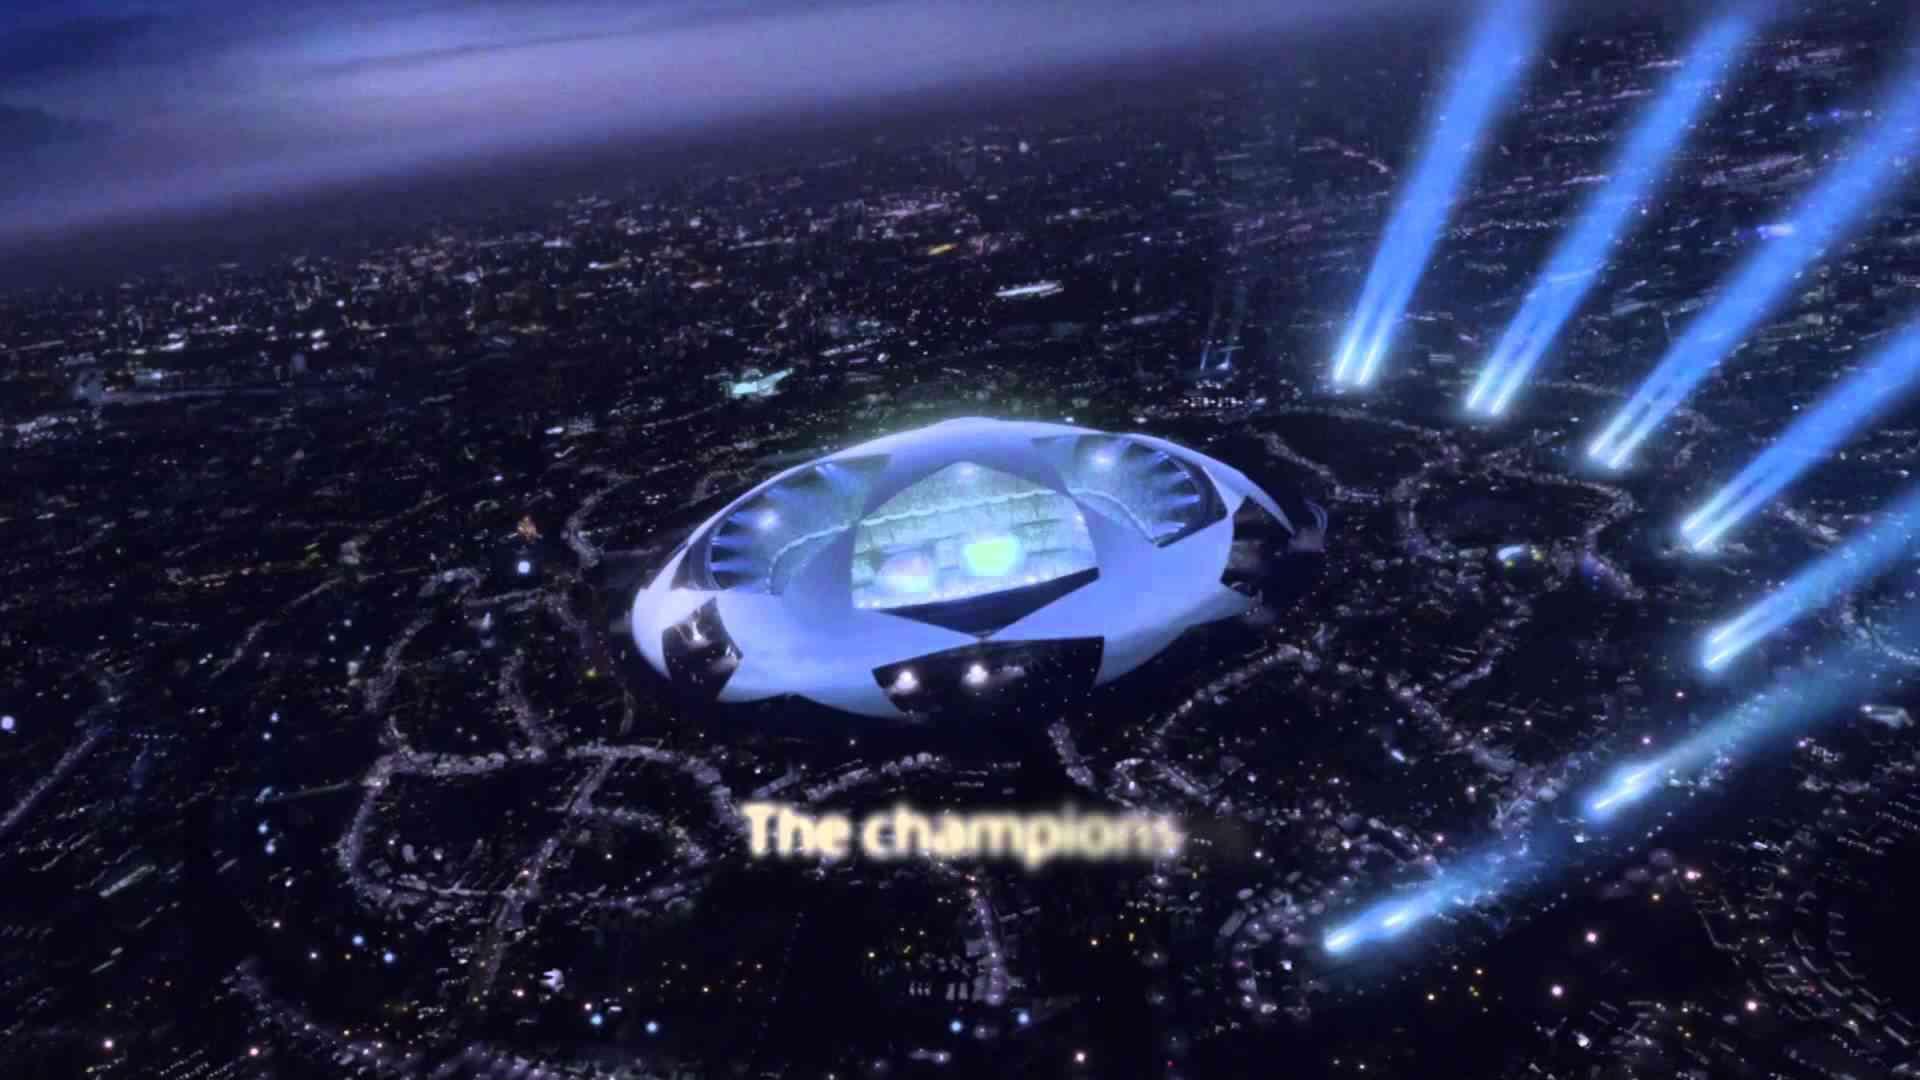 UEFA Champions League® Anthem (Full + Lyrics) - YouTube